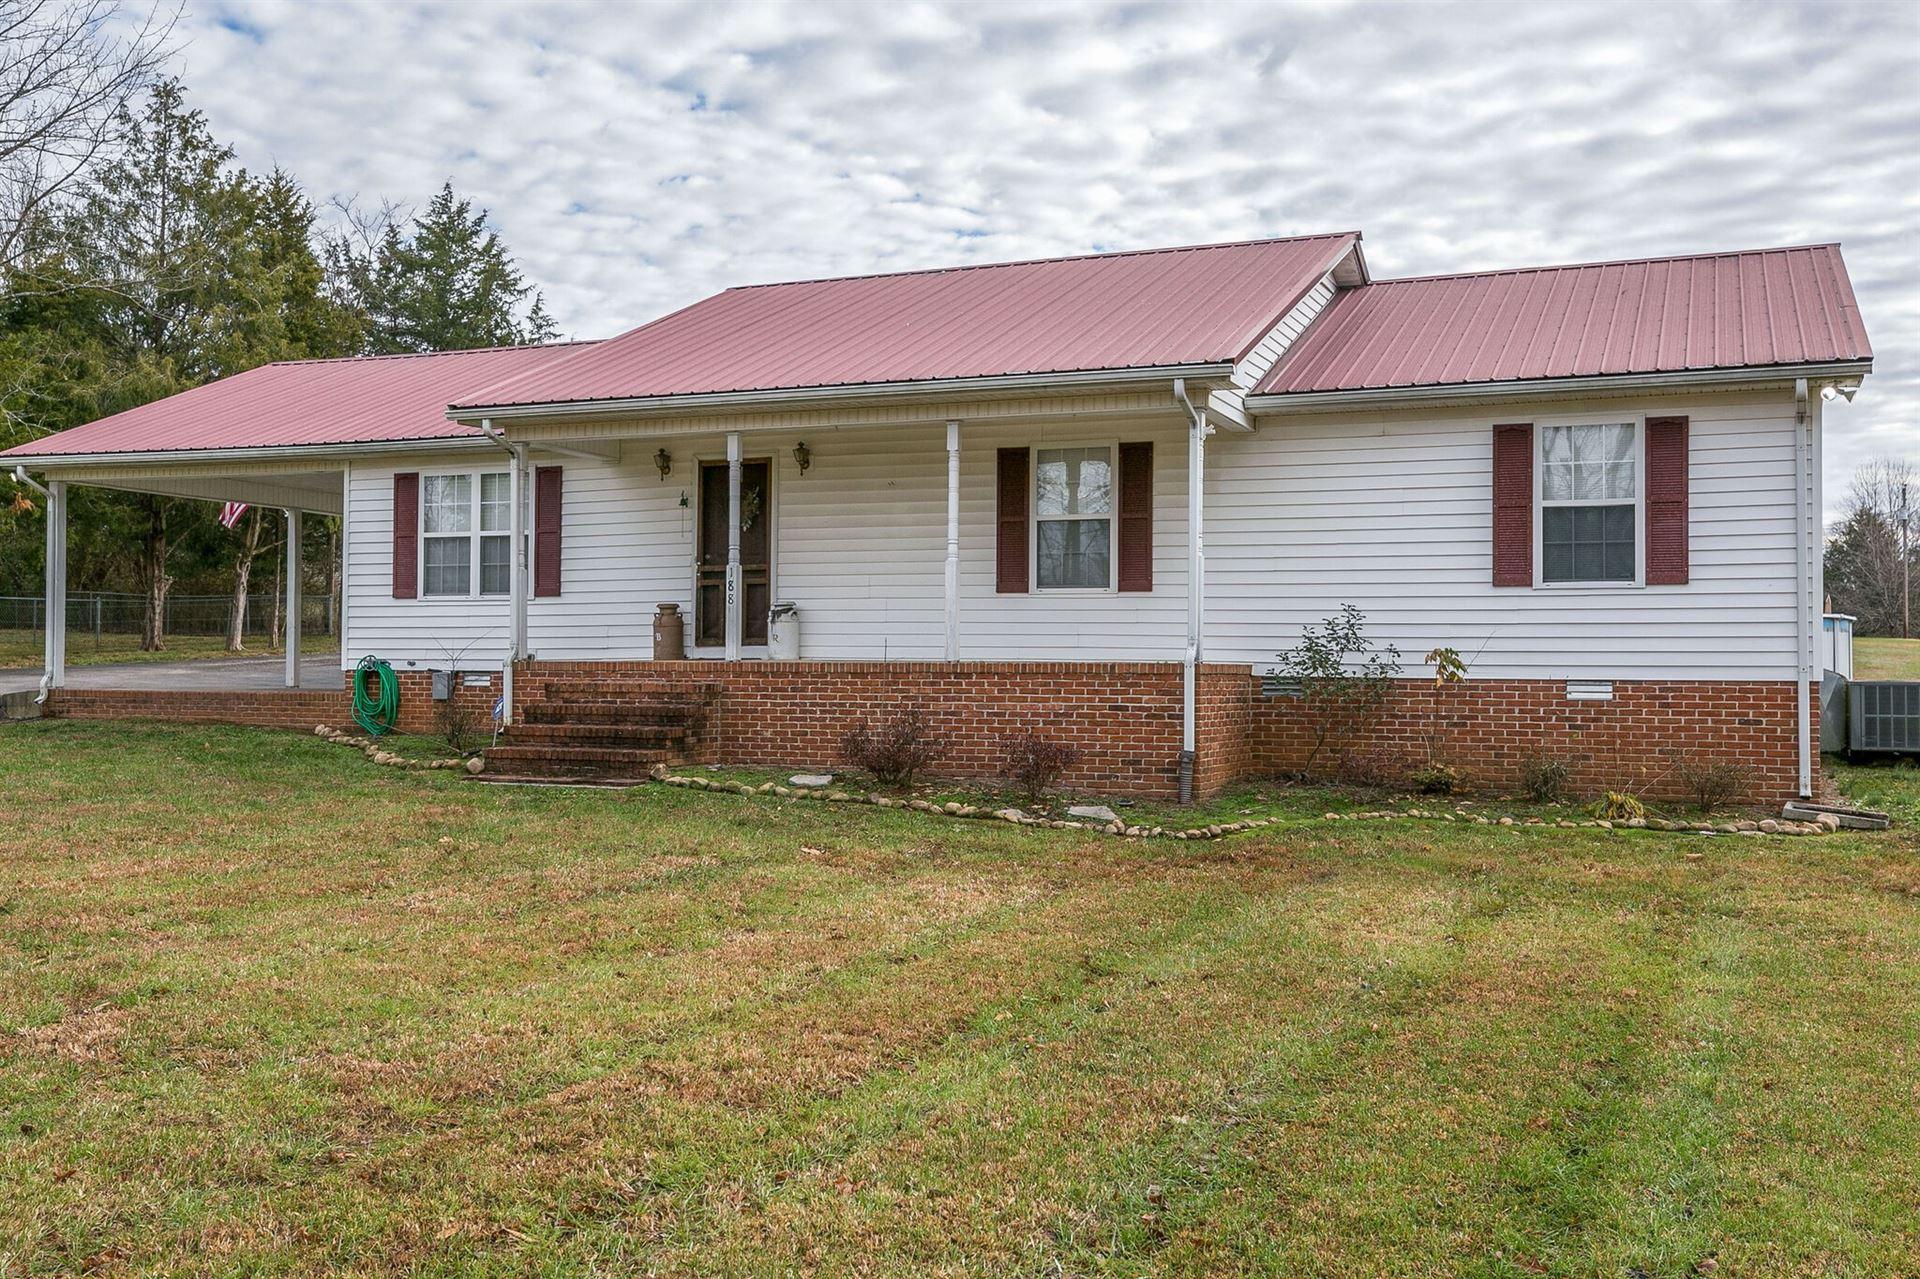 188 Elbethel Rd, Shelbyville, TN 37160 - MLS#: 2211407